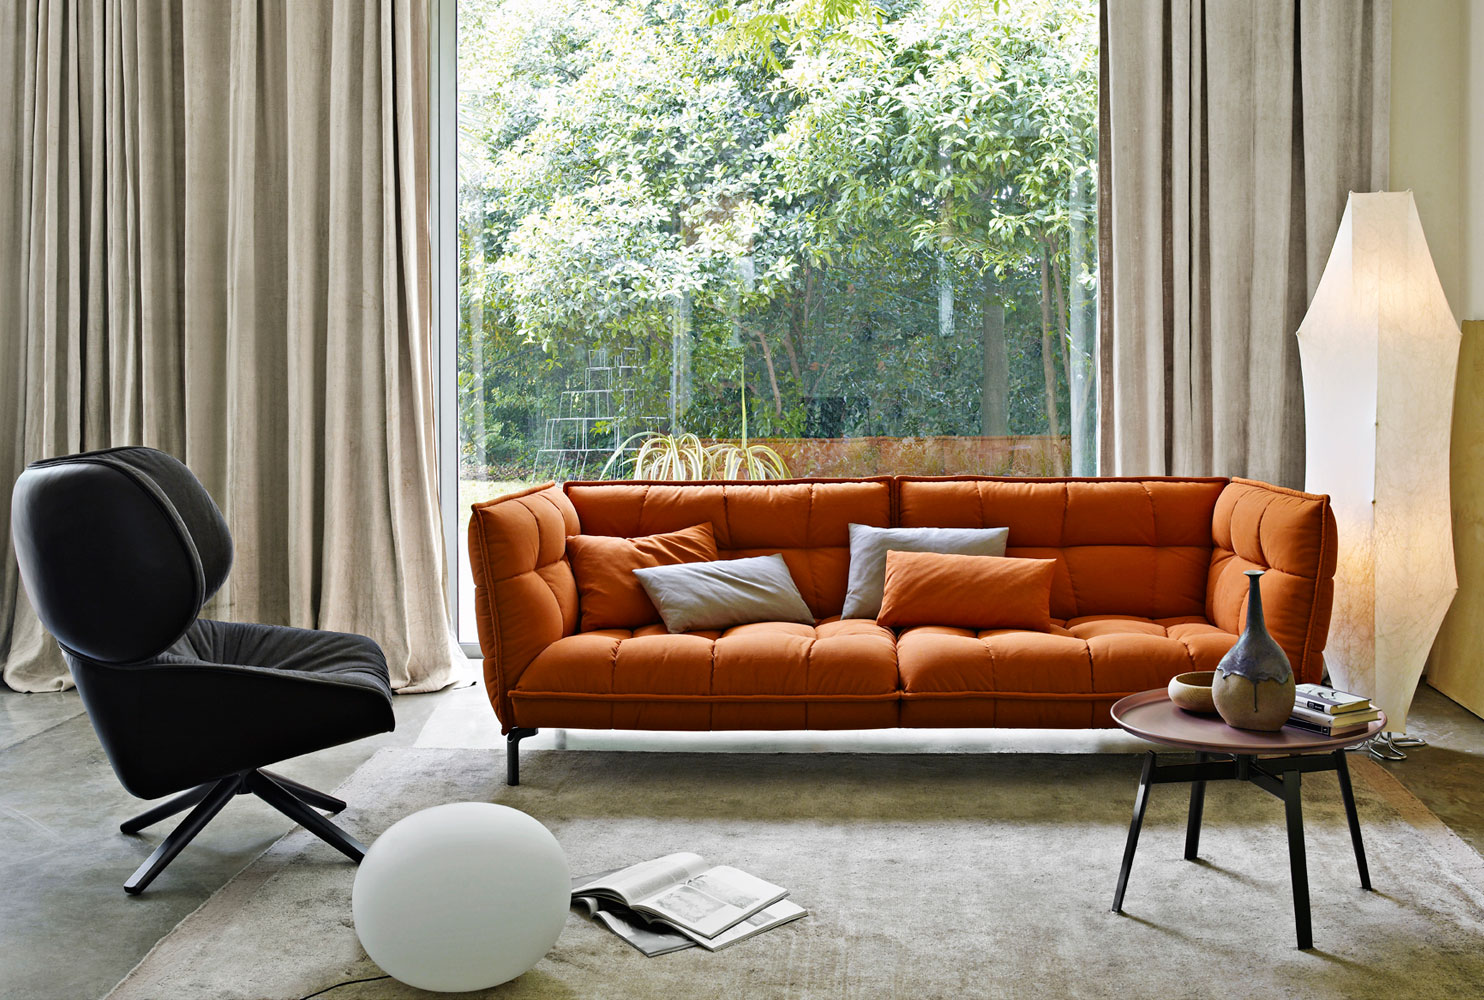 Wohnzimmer sofa platzieren – dumss.com